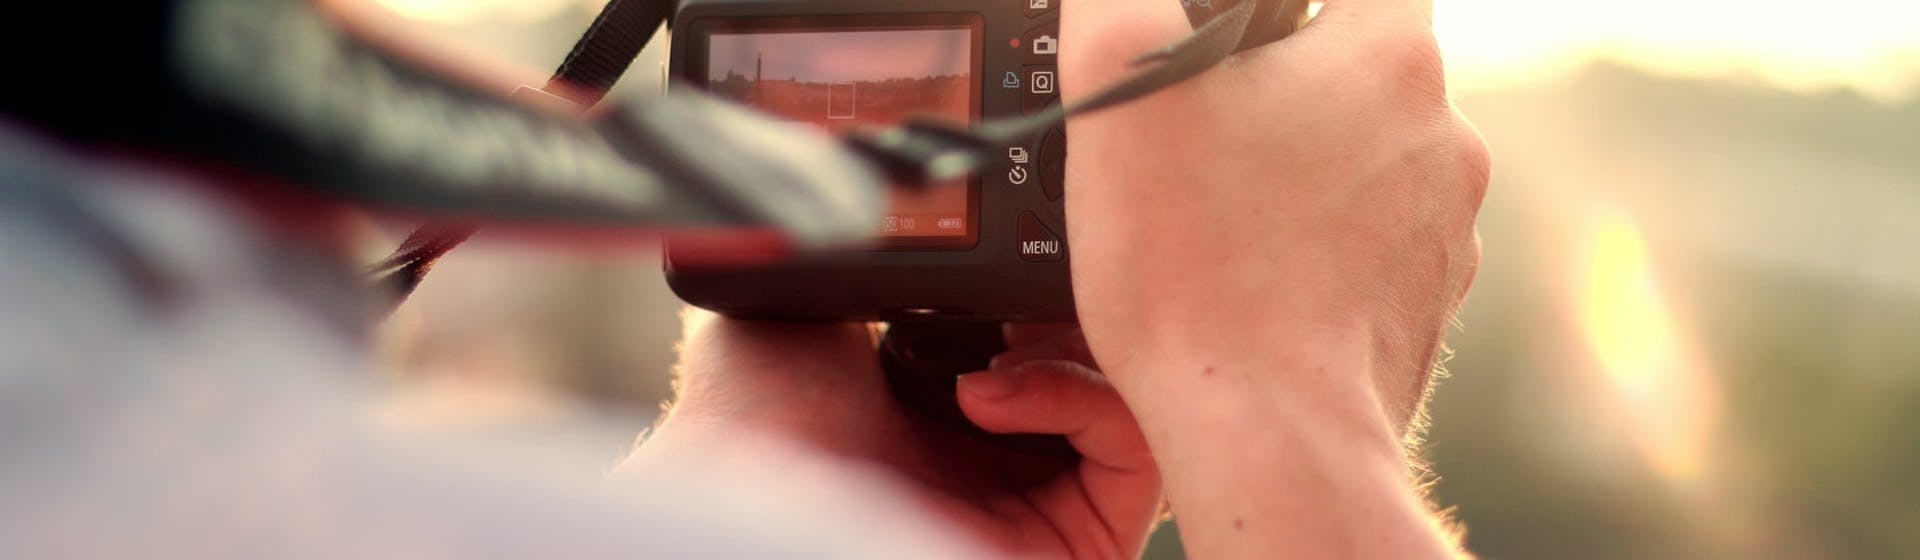 +15 tipos de composición fotográfica para lograr fotos alucinantes